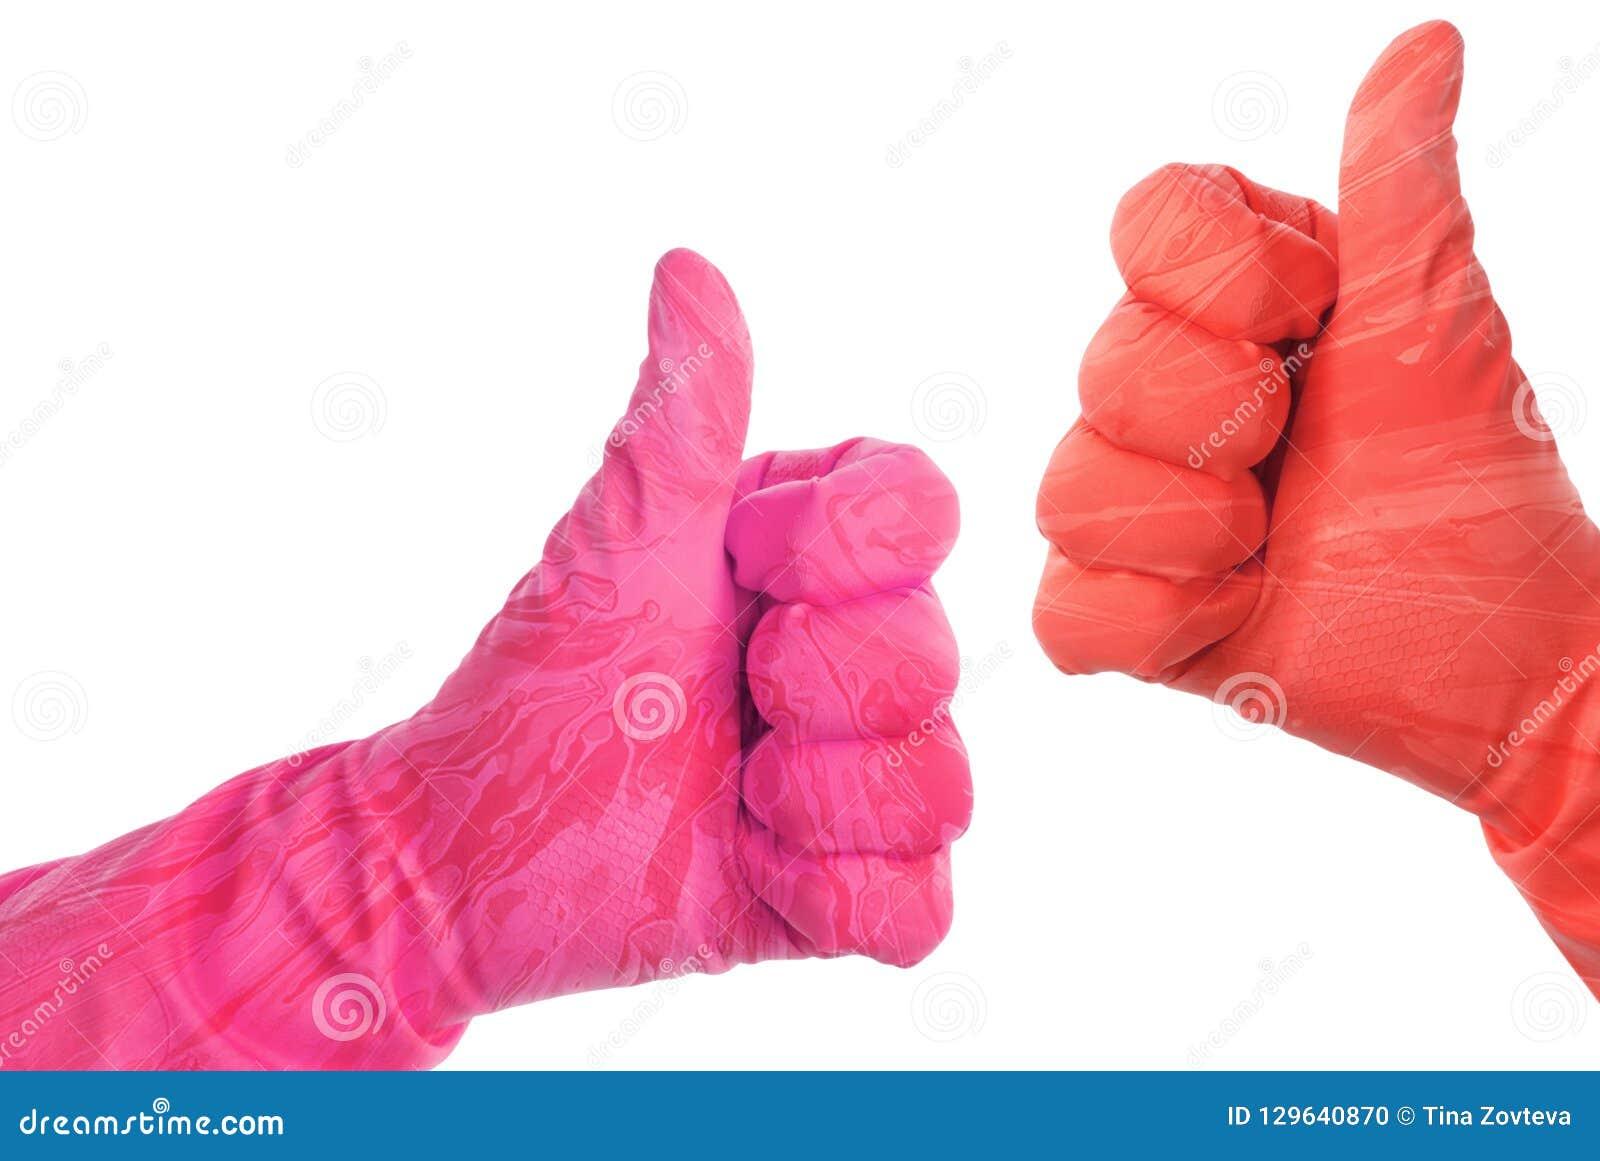 橡胶手套显示好标志